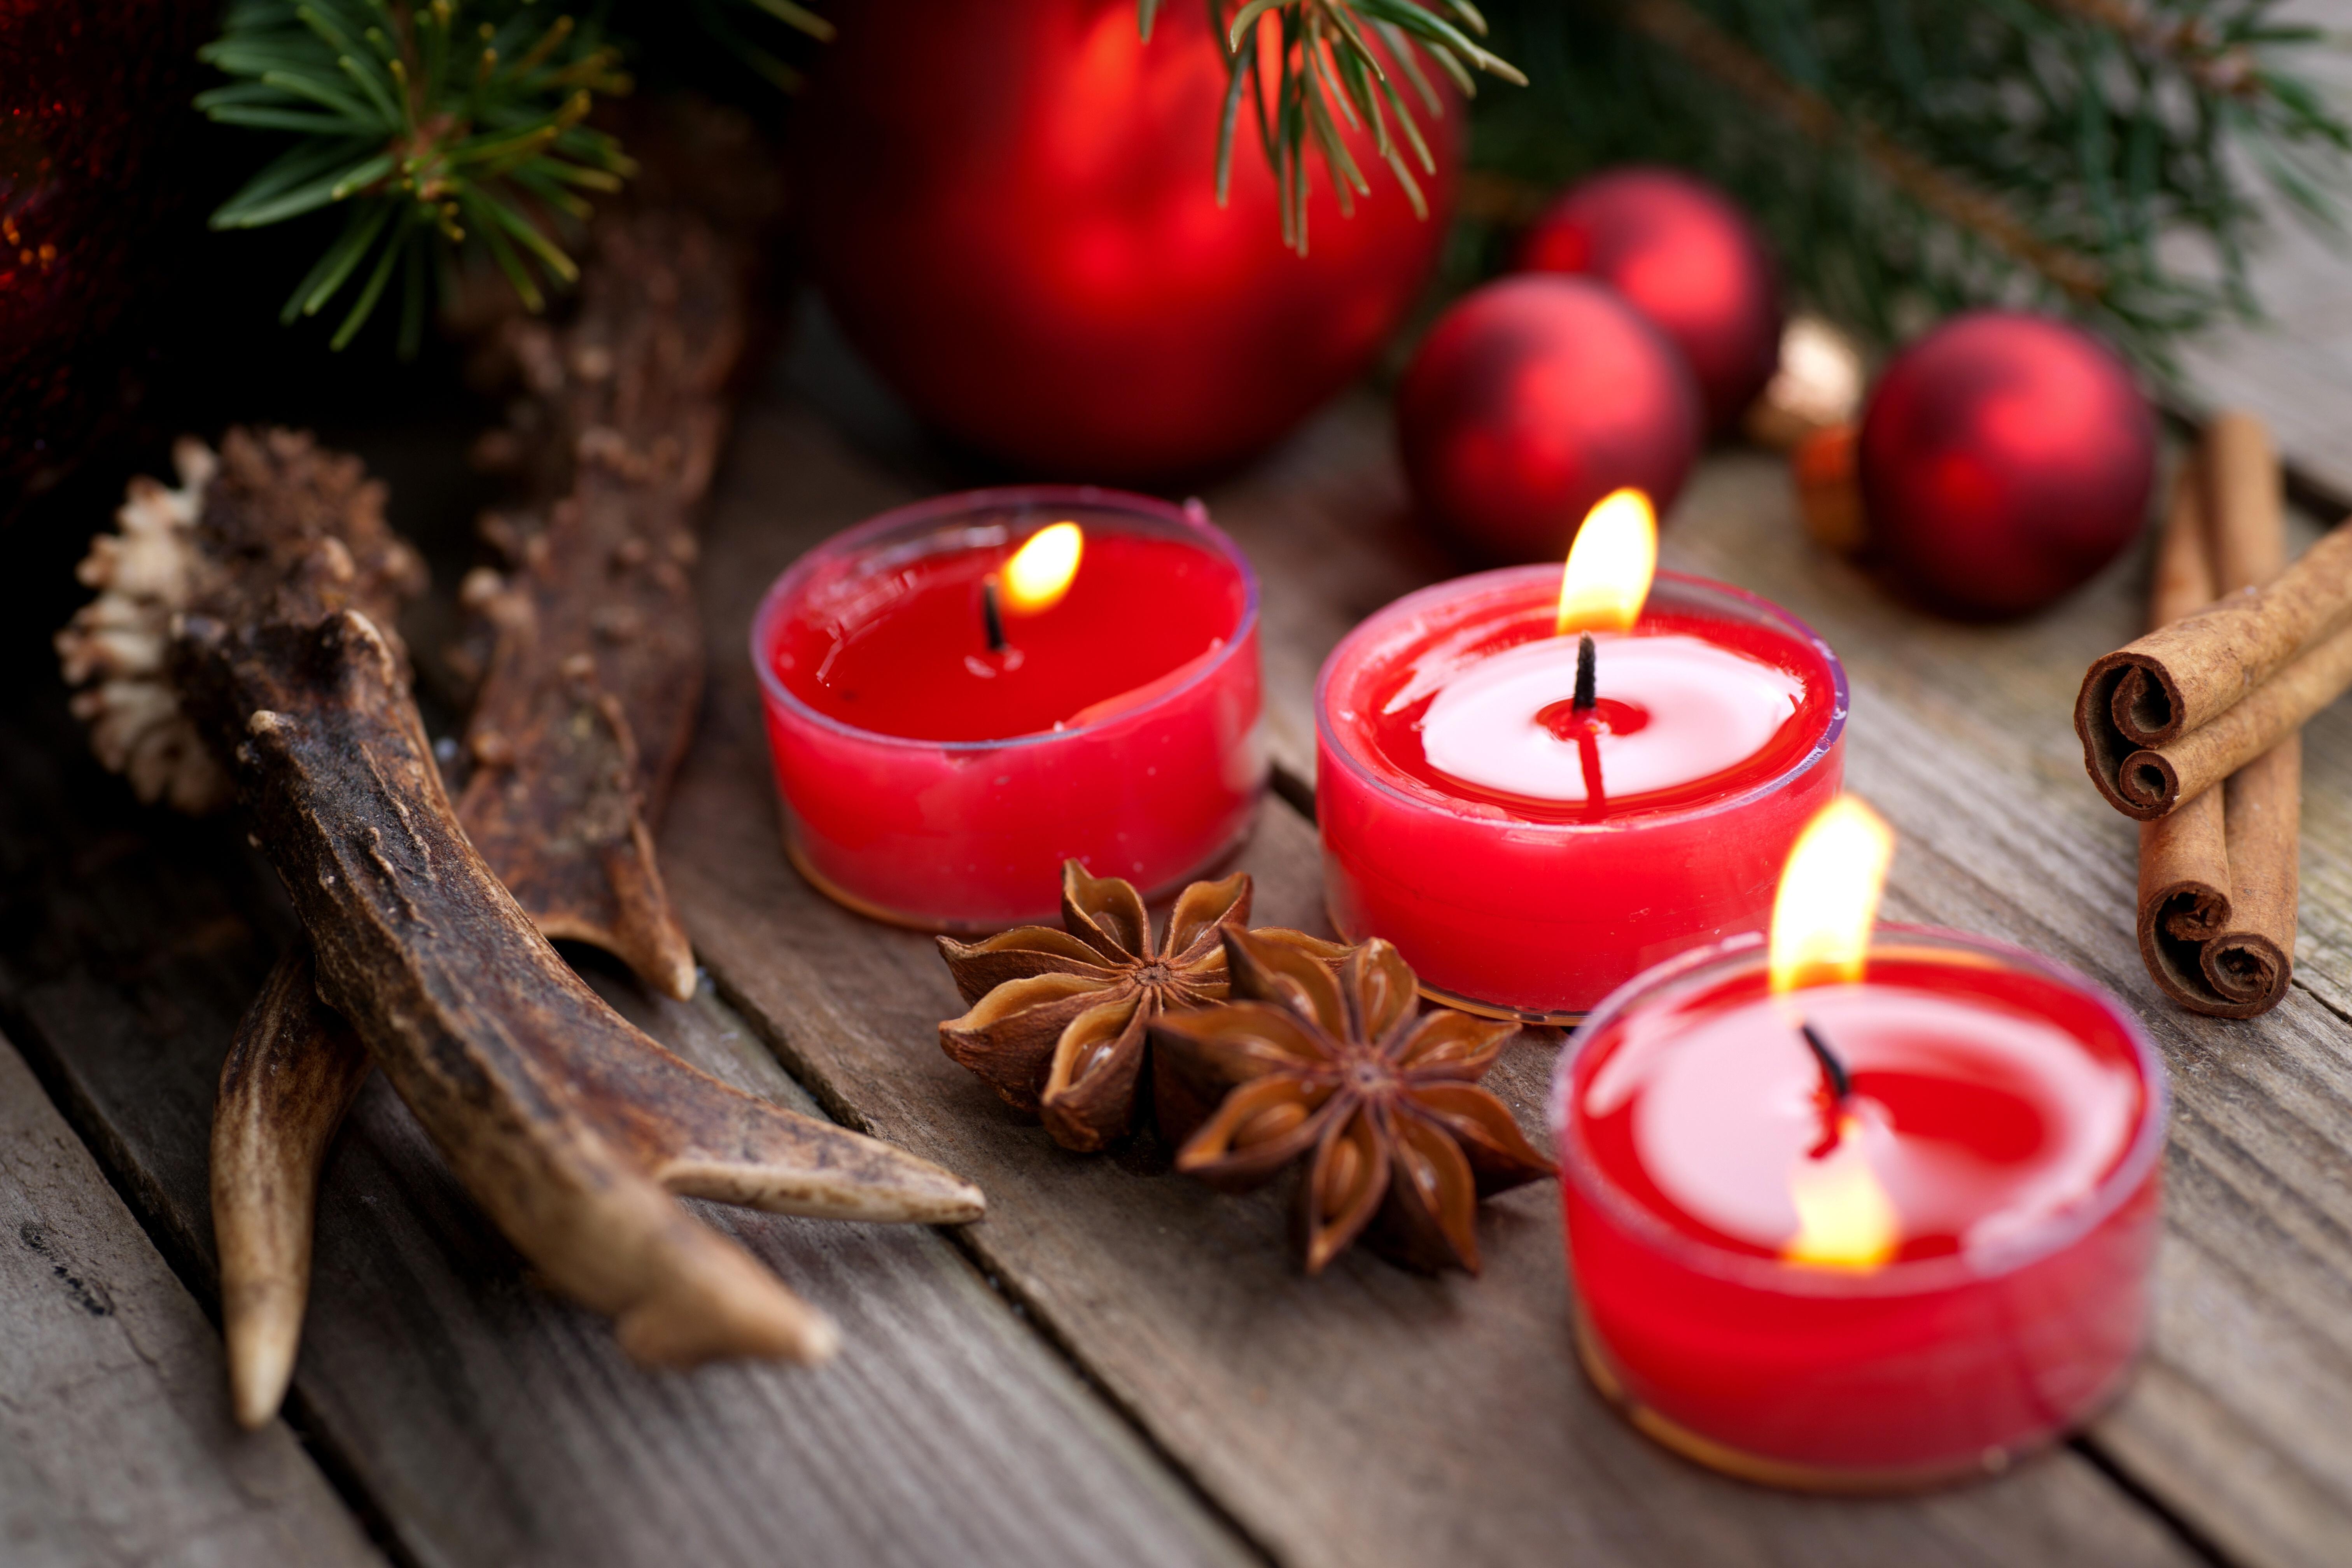 этот пост картинки красные свечи и новый год хвост постоянно опущен